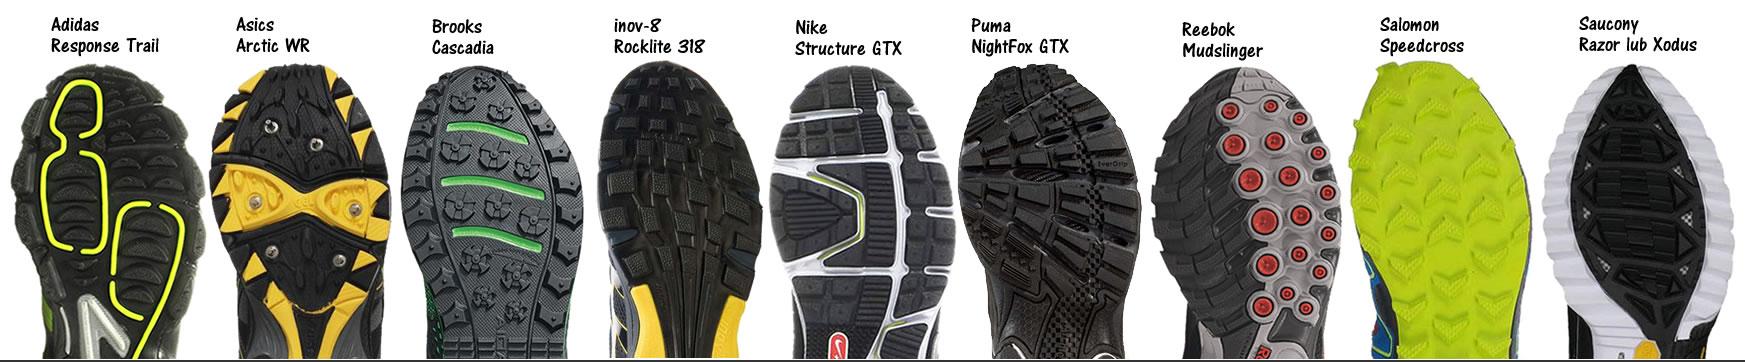 1a63769d jakie buty asics do biegania po asfalcie kolekcja|Darmowa dostawa!